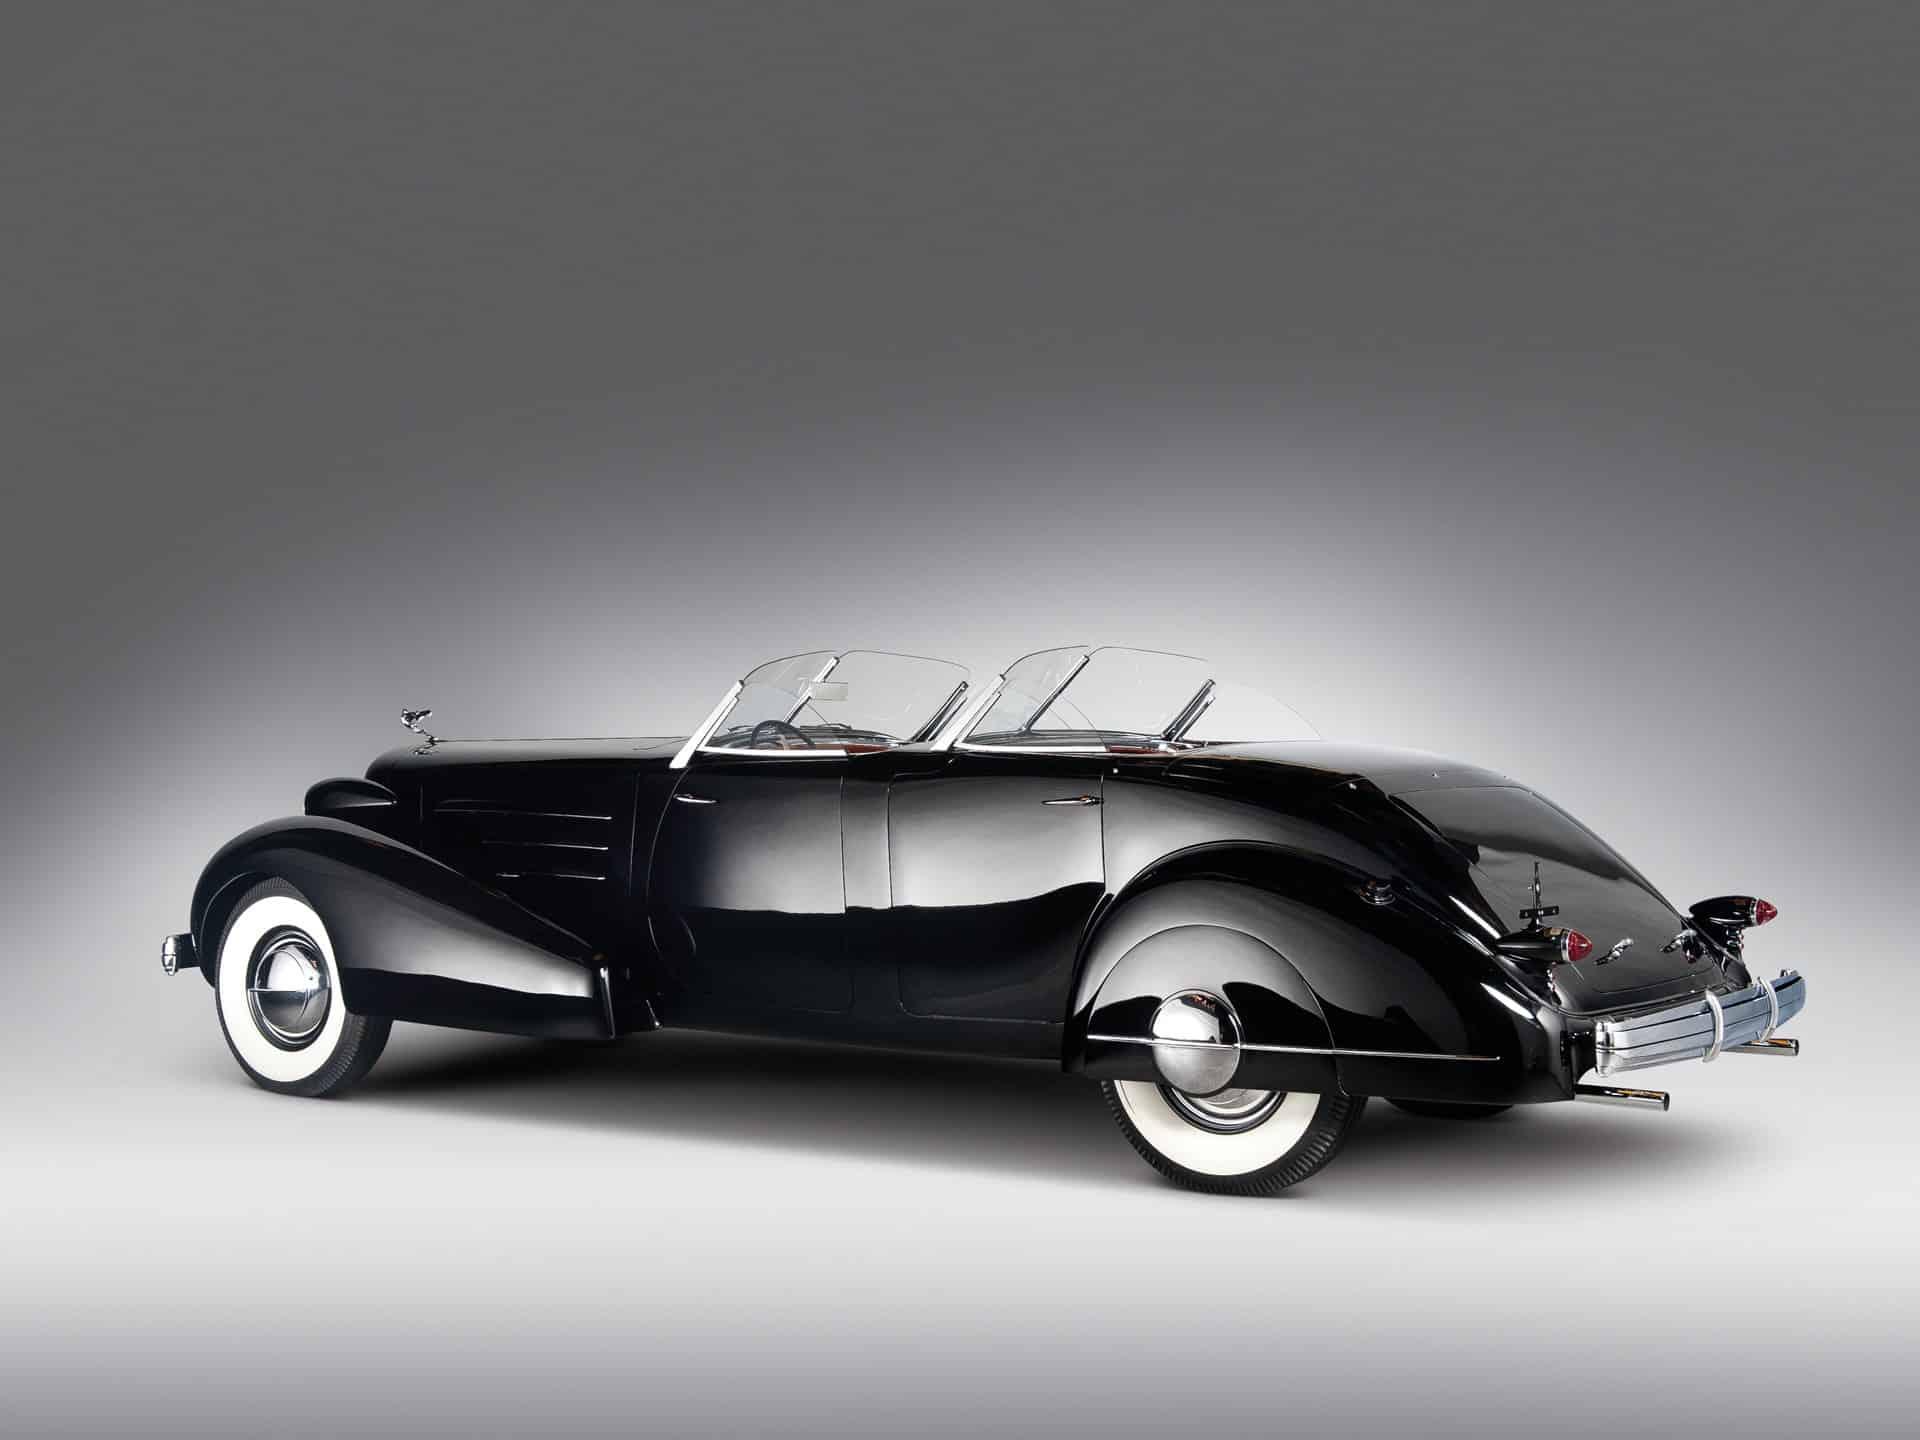 1618299570 1937 Cadillac Phaeton 5859 10 cosas que no sabías sobre el Cadillac Phaeton 5859 de 1937